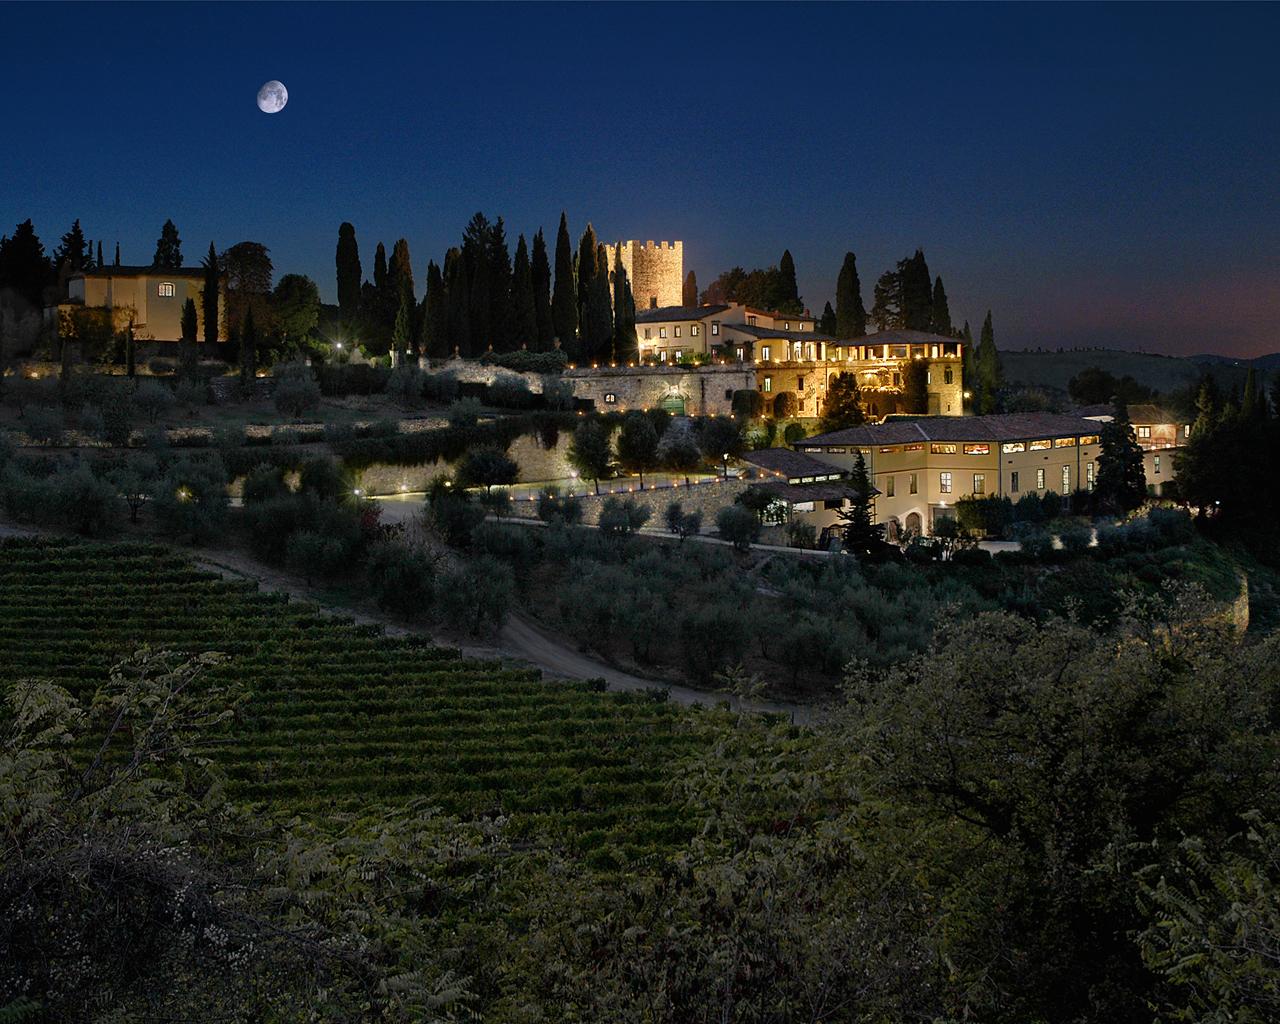 Castello di Verrazzano de noche